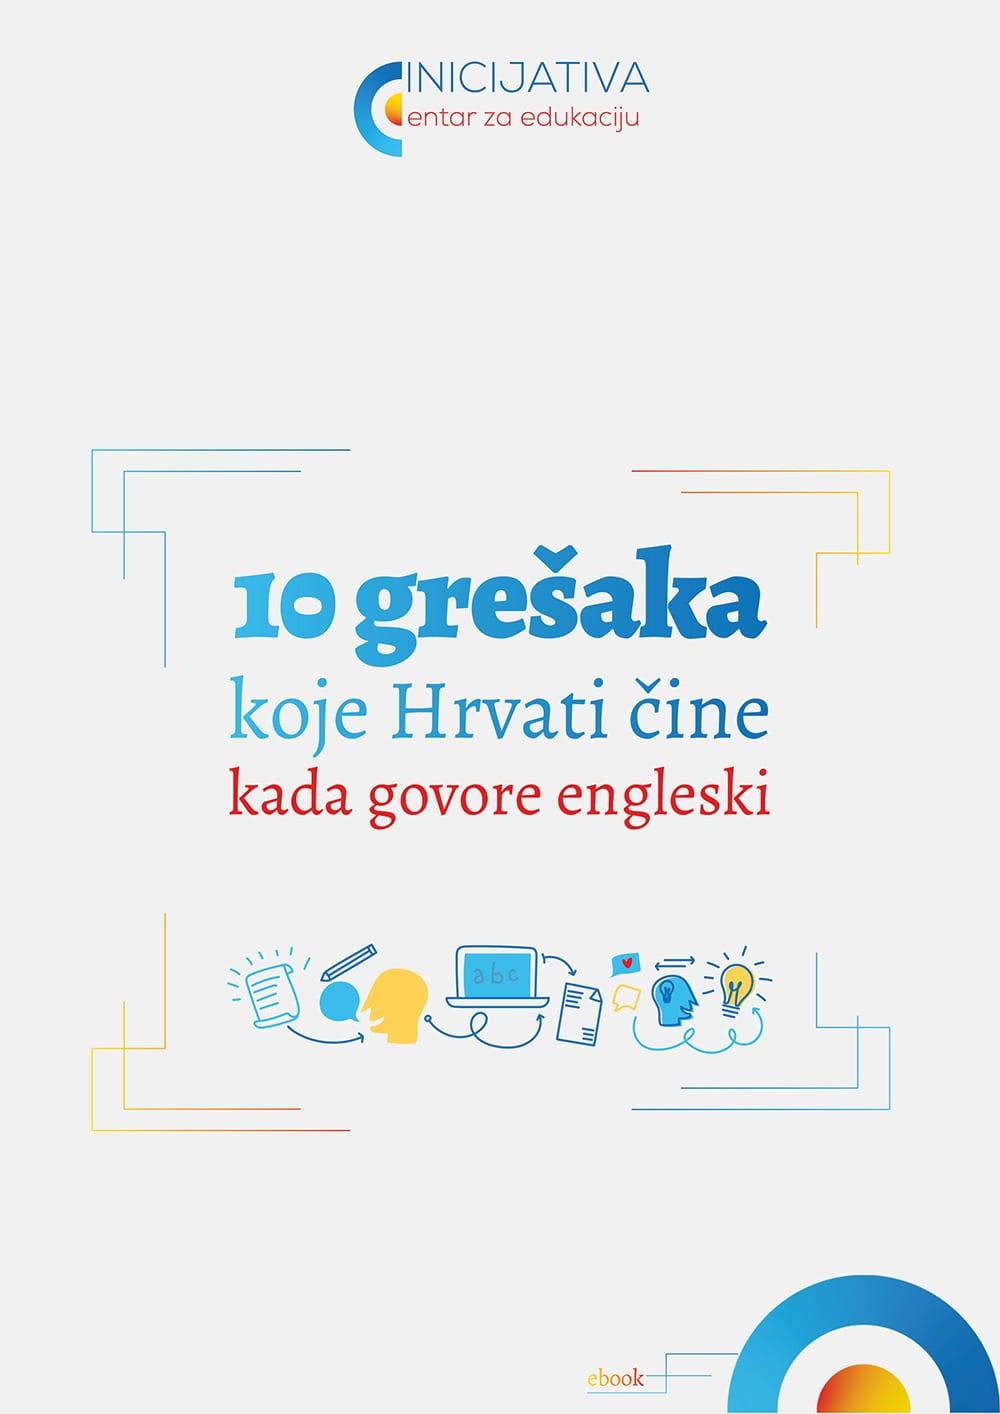 10 grešaka koje Hrvati čine kada govore engleski